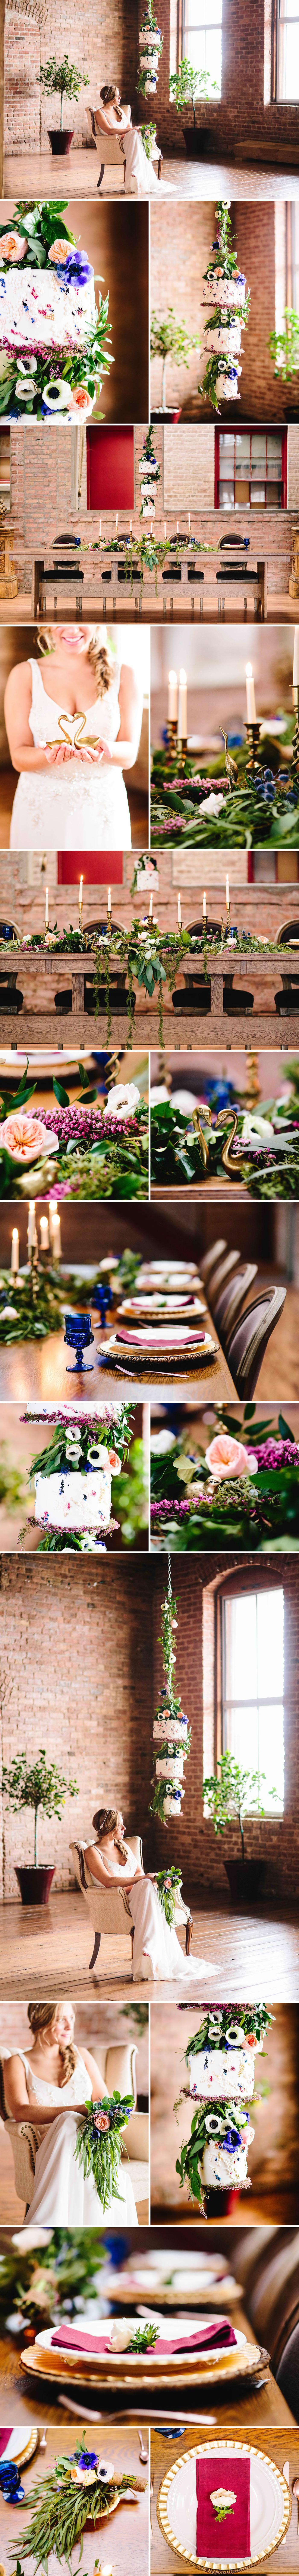 chicago-fine-art-wedding-photography-starline4